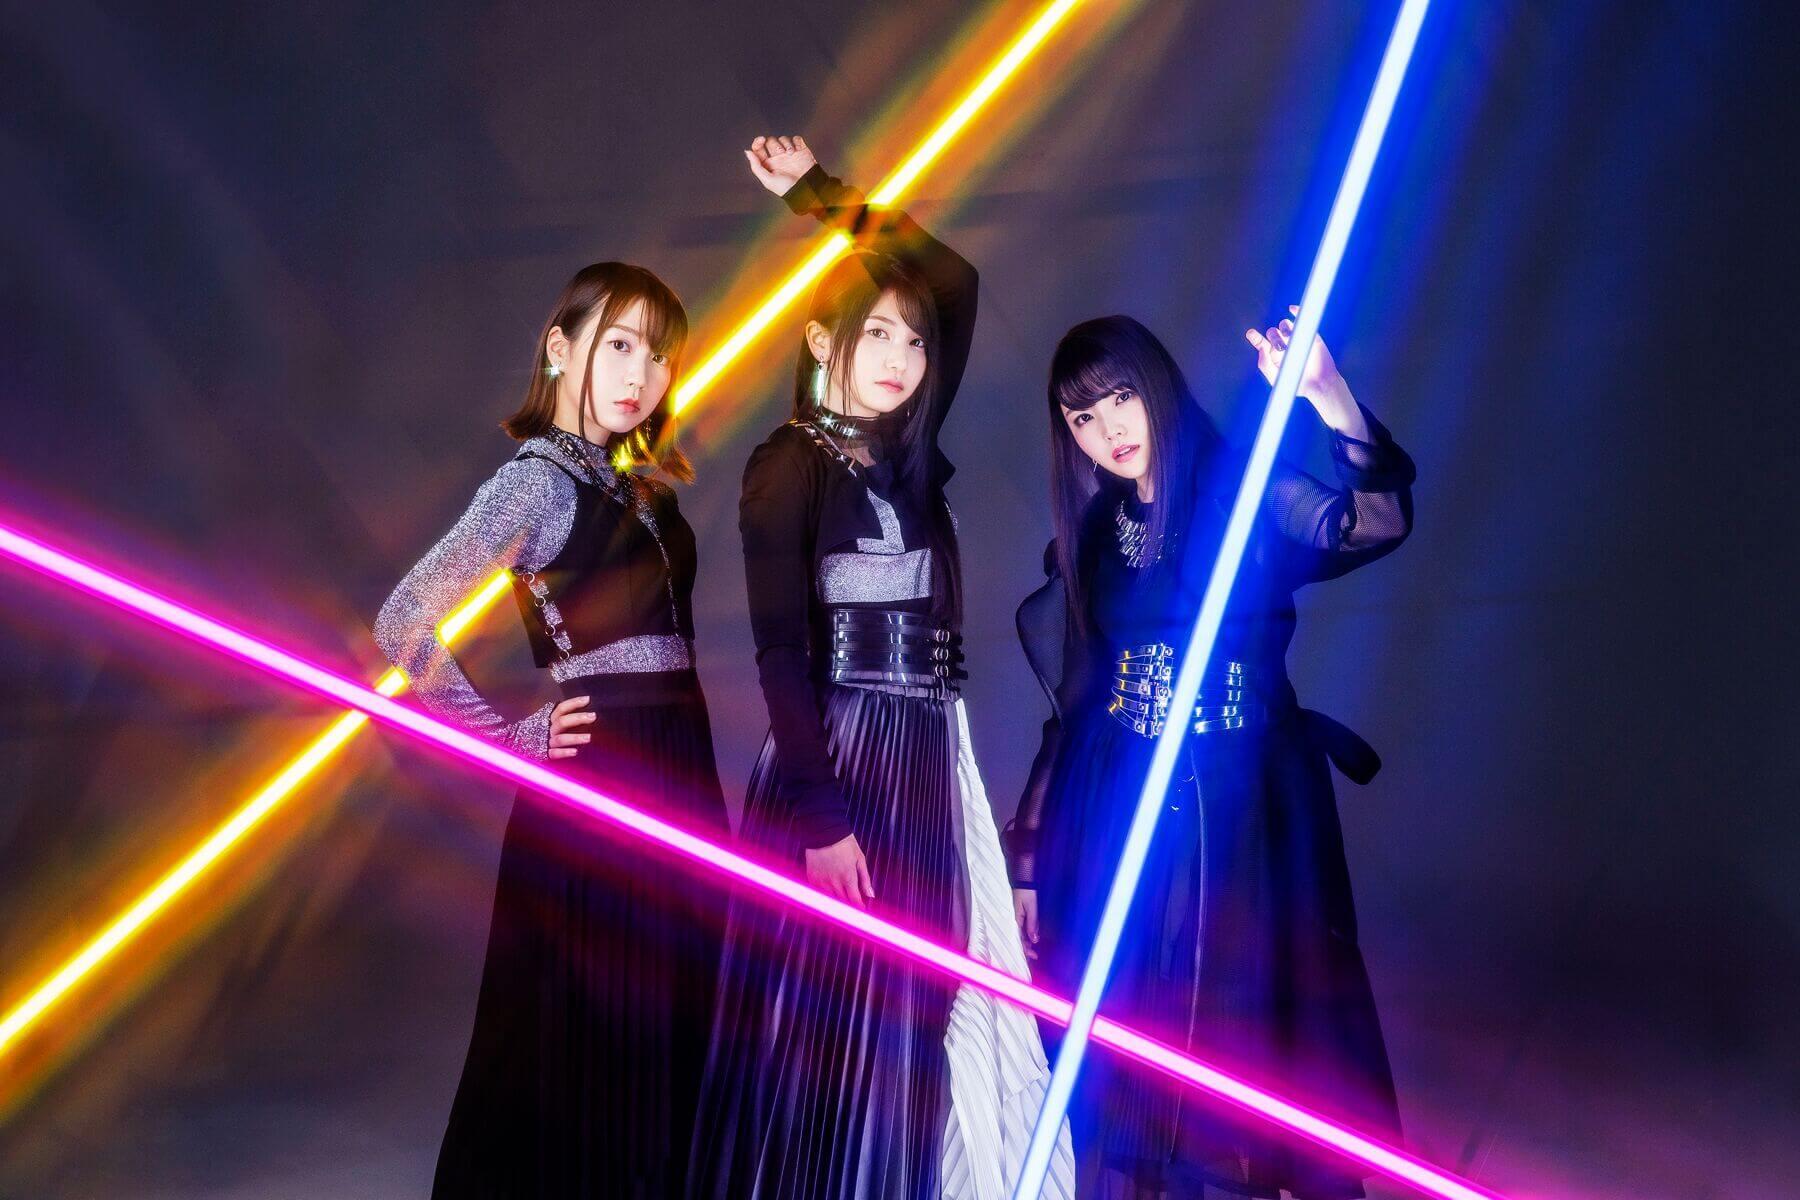 聲優女團體TrySail 新歌「azure」已決定成為動漫「續・終物語」片尾曲 TrySail_、